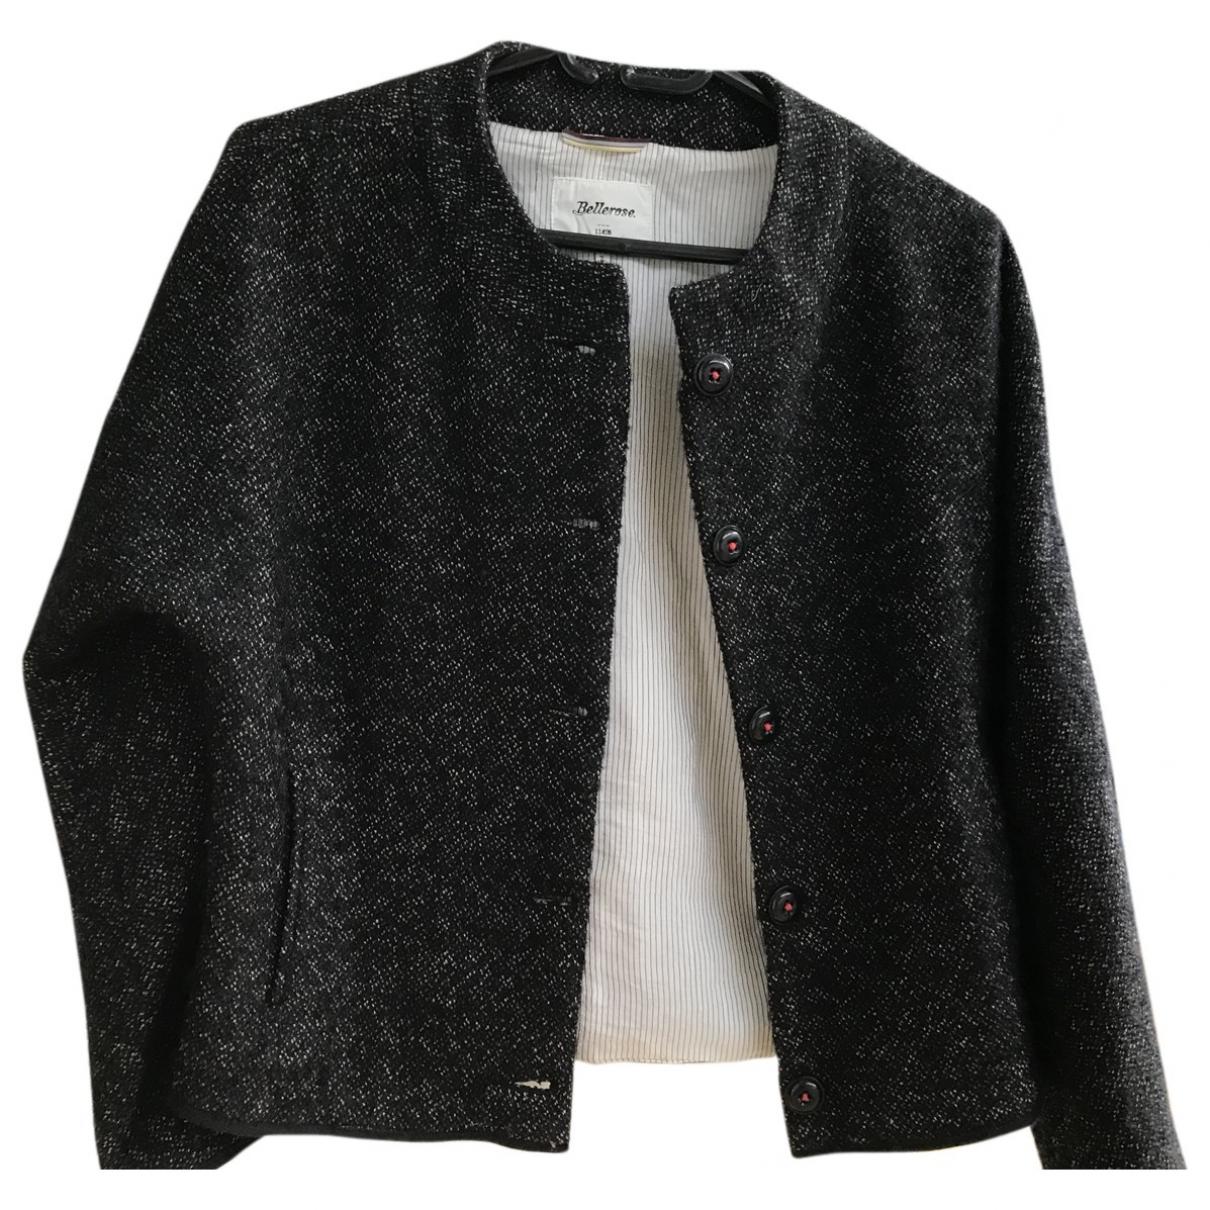 Bellerose \N Jacke in  Schwarz Wolle